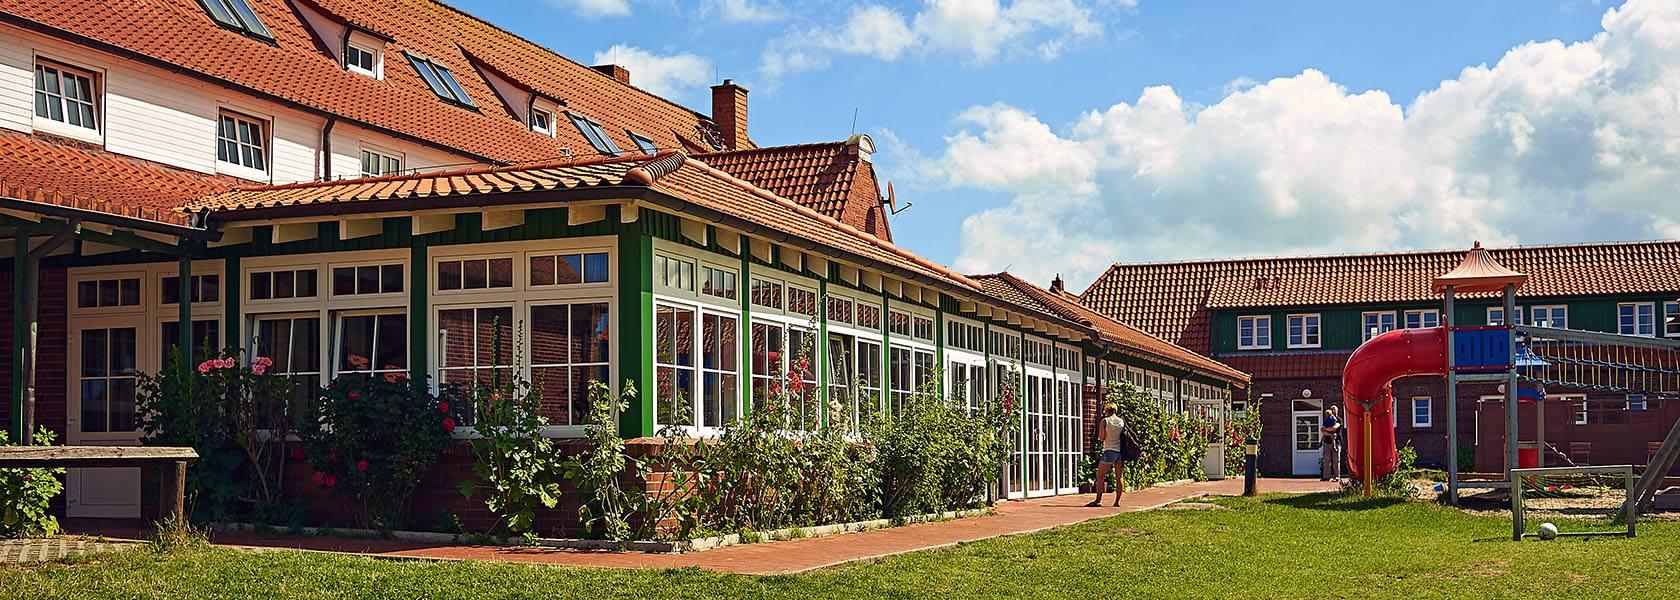 djh_juist_146, © Die JugendHerbergen im Nordwesten gemeinnützige GmbH